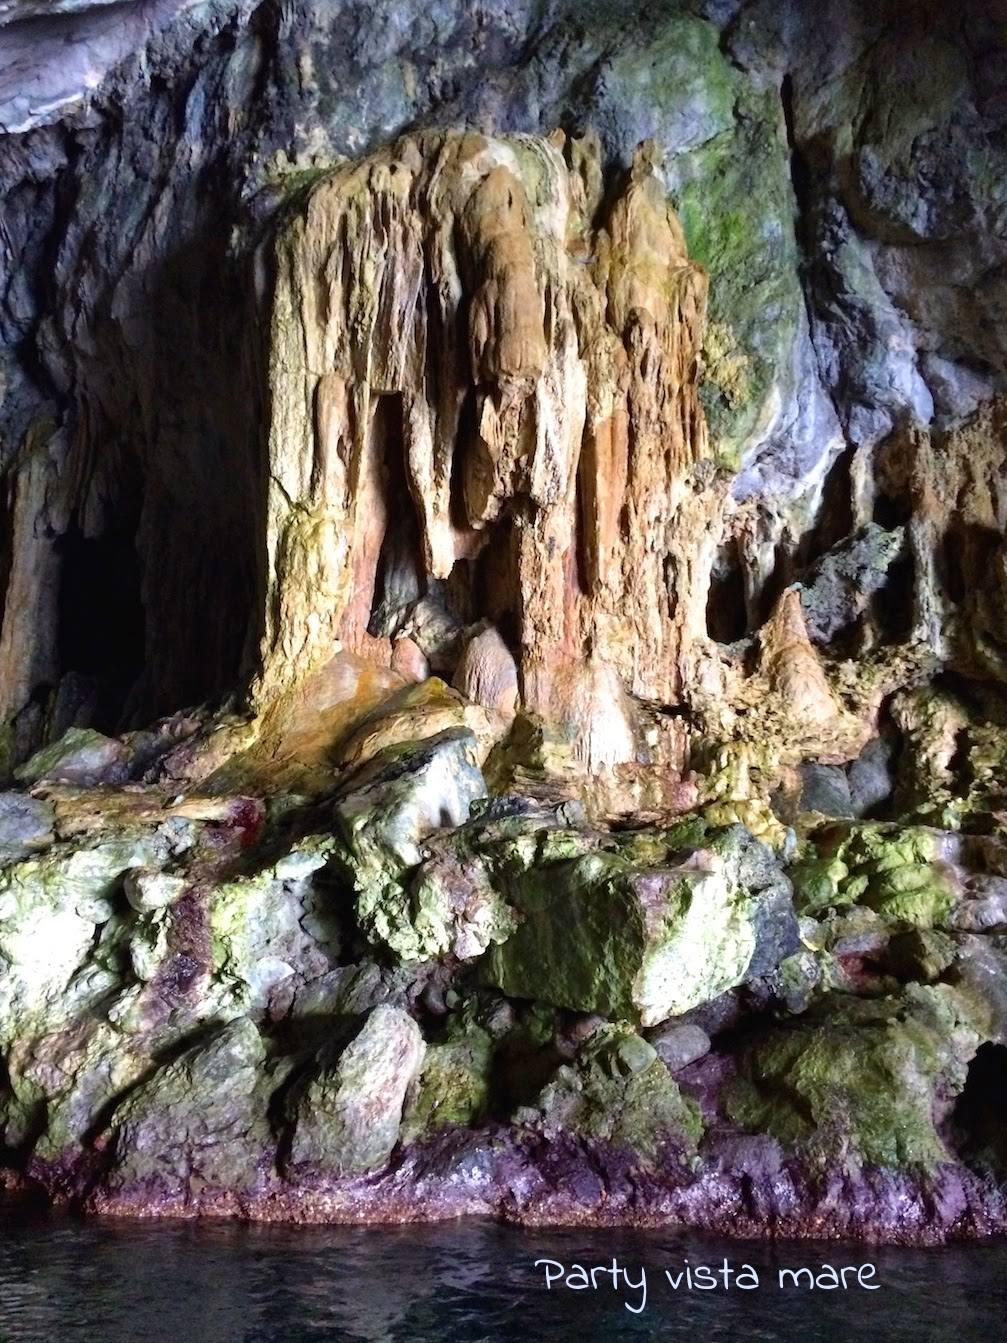 Grotta di Pandora_Maiori_Costiera_amalfitana_mare_stalattiti_stalagmiti_colonne_fenomeno_carsico_party_vista_mare